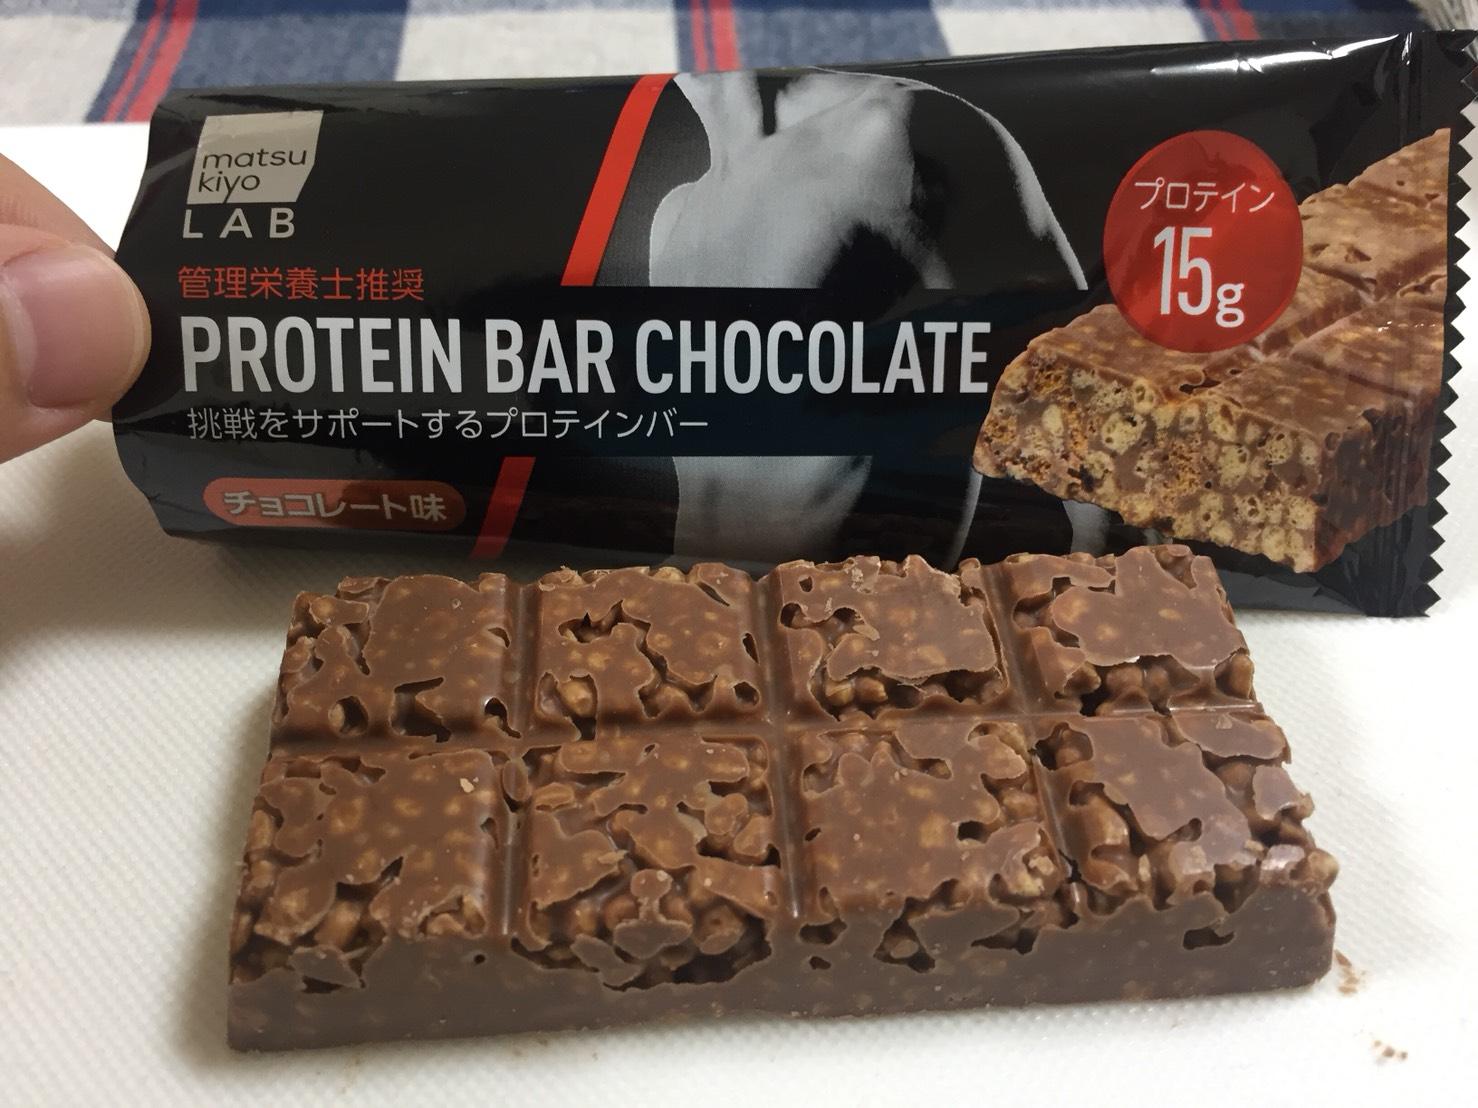 マツキヨラボ:プロテインバーチョコレート